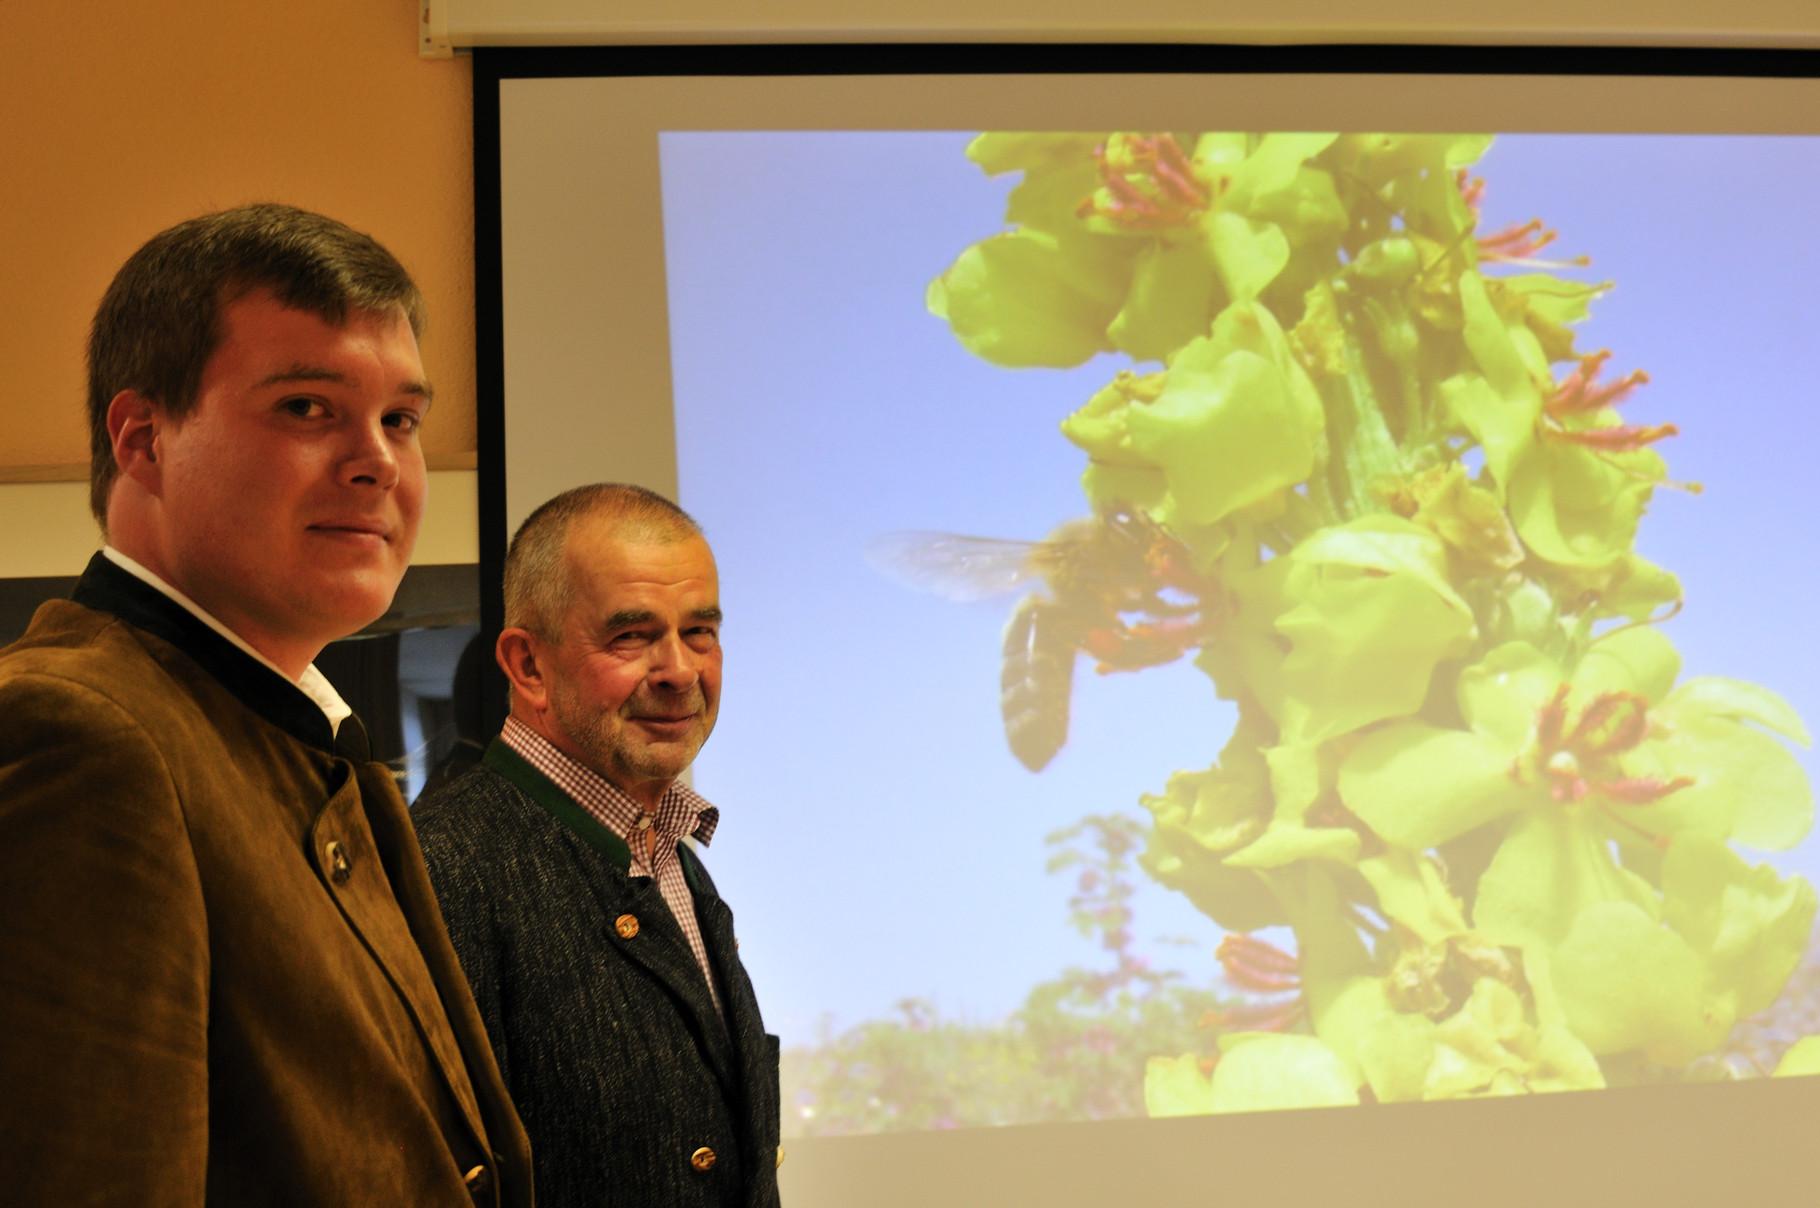 Fachvortrag in Kooperation mit dem Bienenzuchtverein und dem Verein für landwirtschaftliche Fortbildung Grünberg